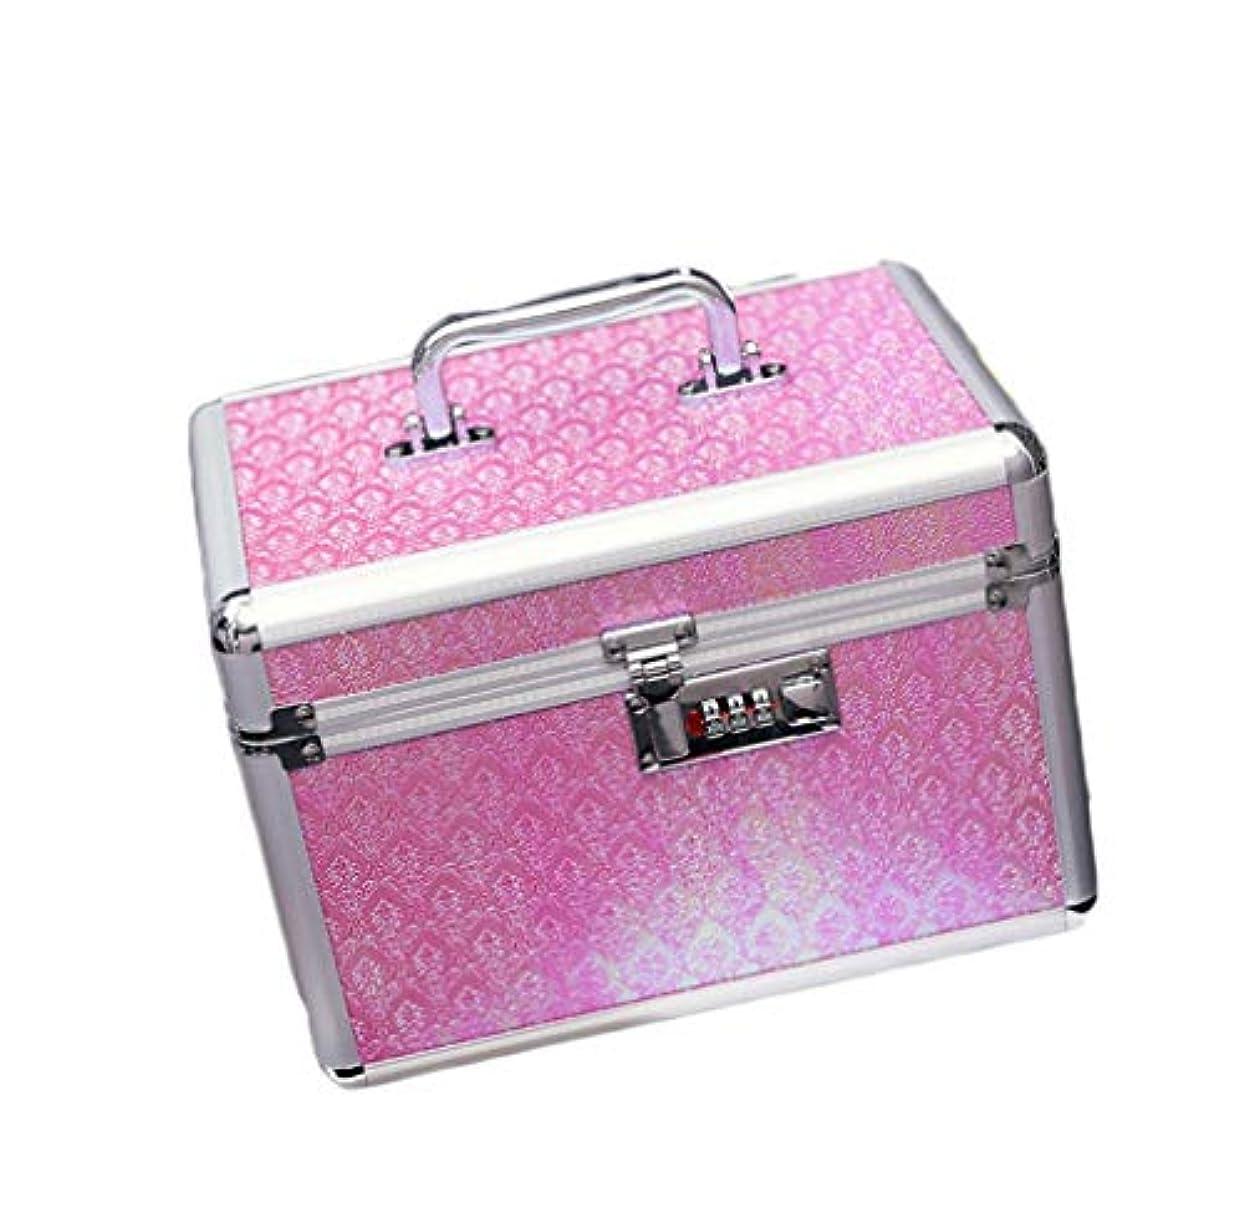 プログラム歌手突然コスメボックス メイクボックス トレンチケース 鏡付き かわいい 収納ケース ビューティー 用品 化粧品入れ ネイル 25.5*17.5*17 小物入れ シルバー ピンク ベージュ 大容量 メイクボックス 鍵付き 収納